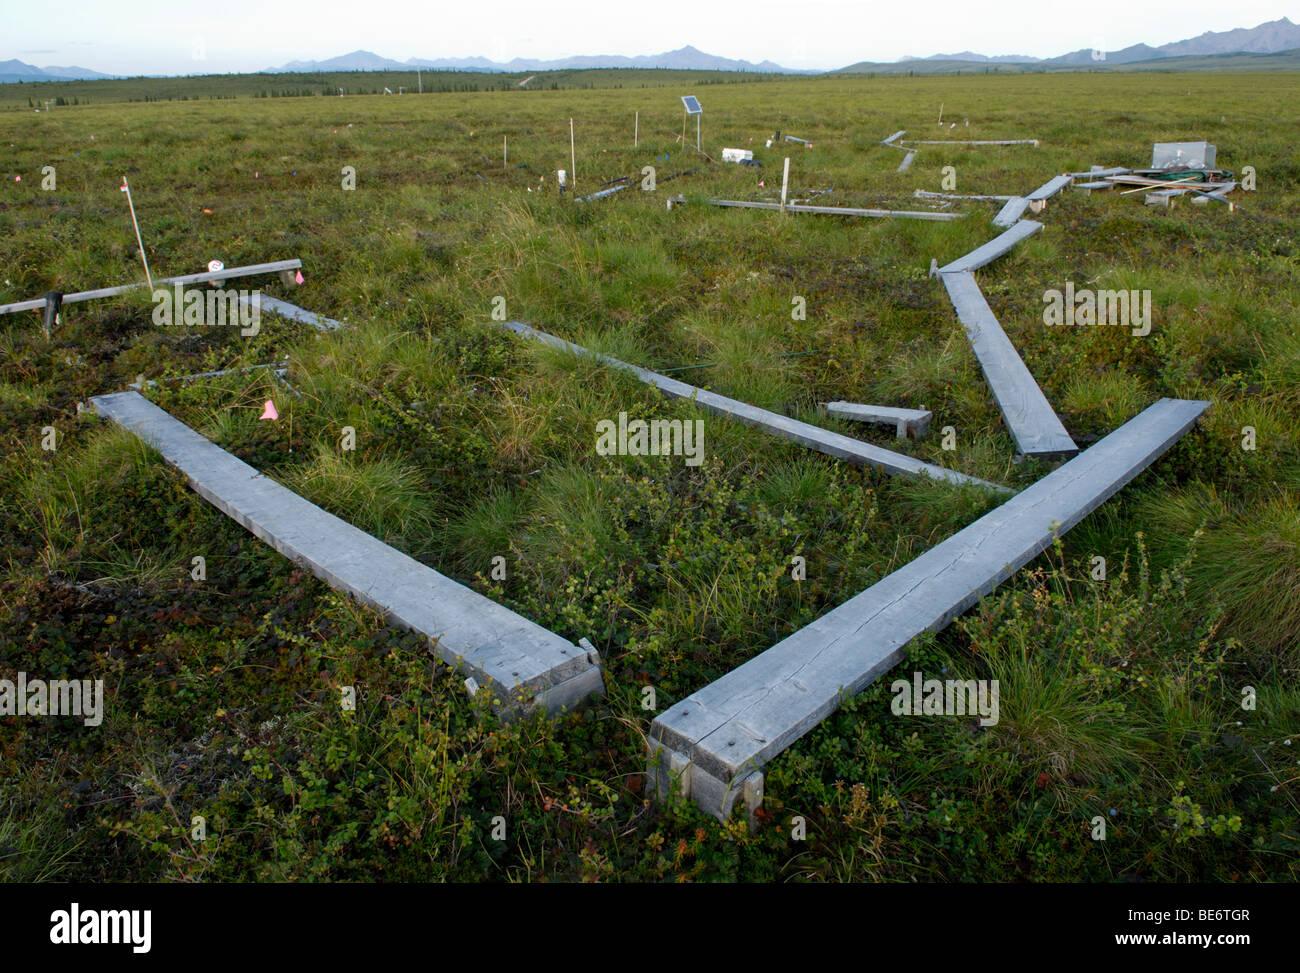 Klima Änderung Forschungsstandort, Alaska.  Kohlendioxid-Freisetzung aus auftauender Permafrost wird zusammen Stockbild